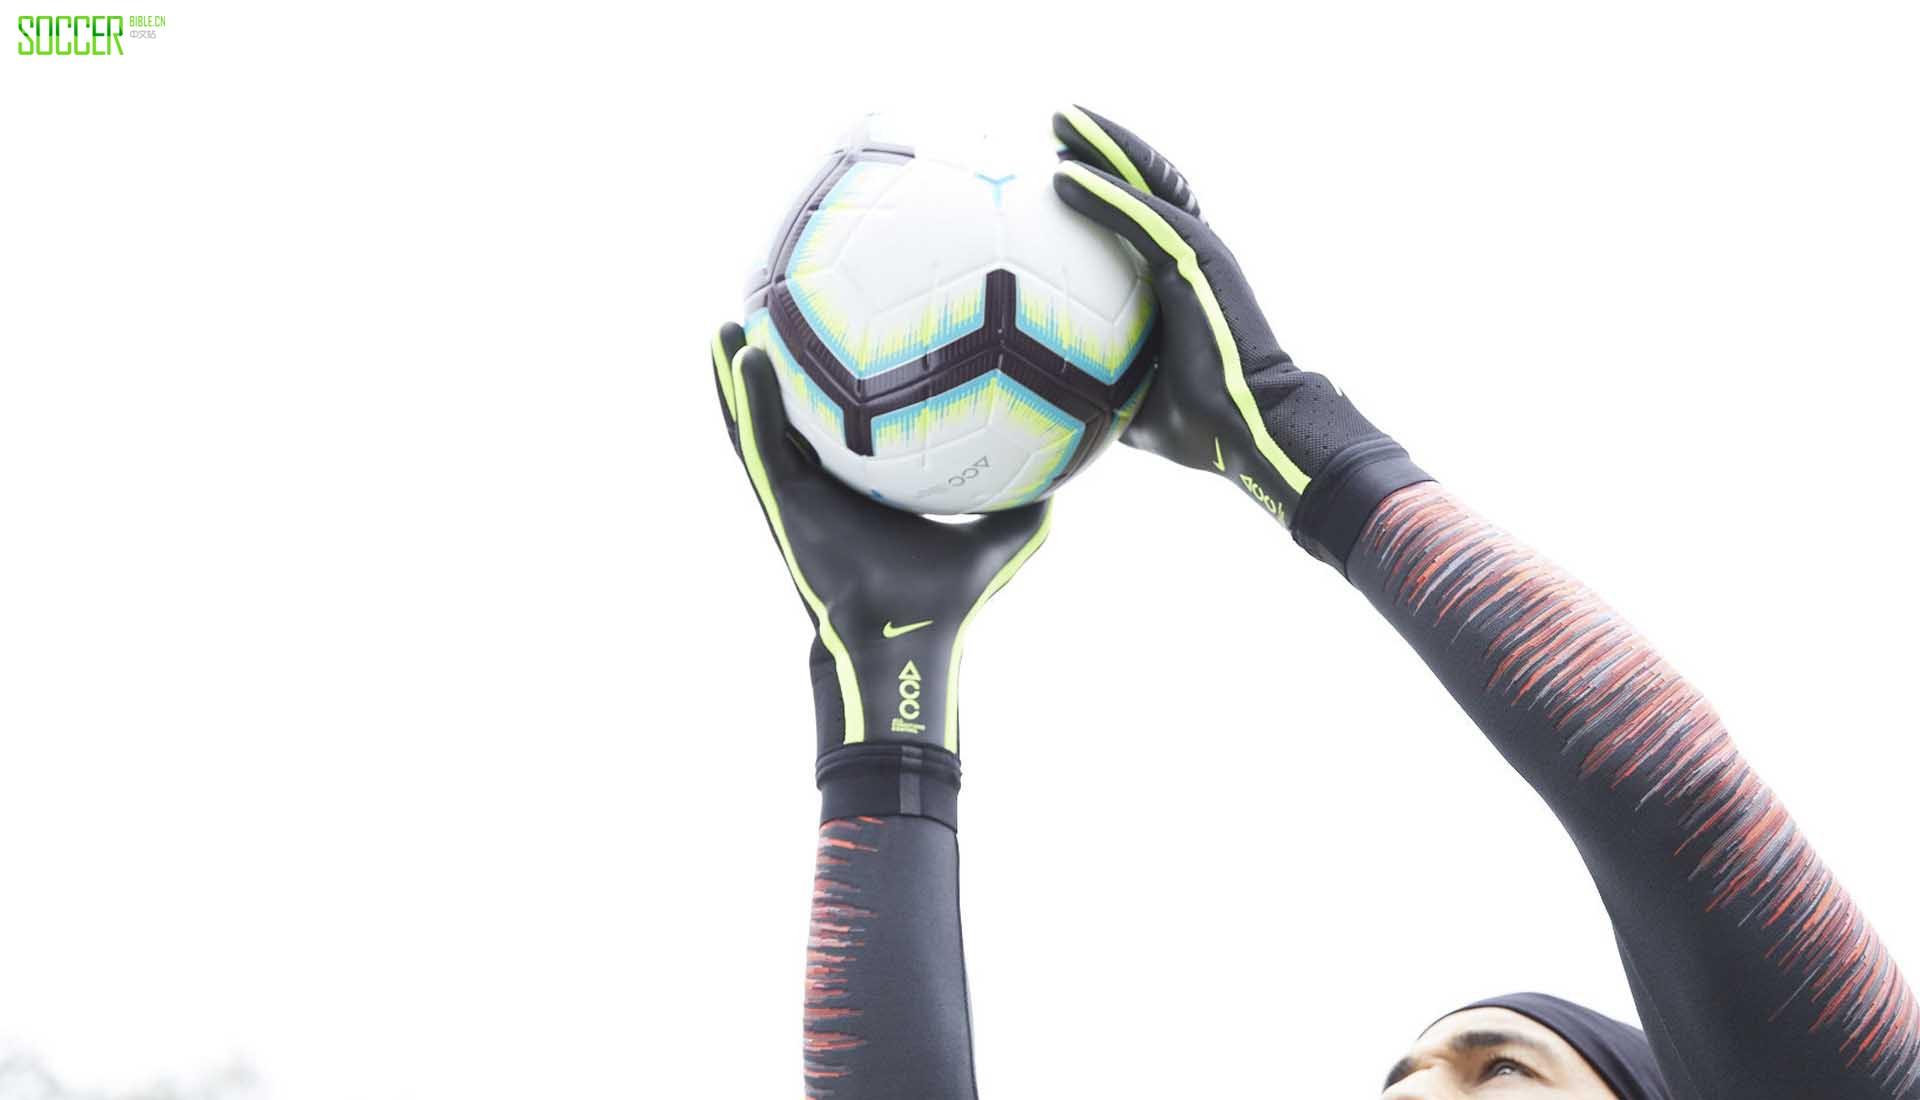 耐克发布革命性Mercurial Touch Elite守门员手套